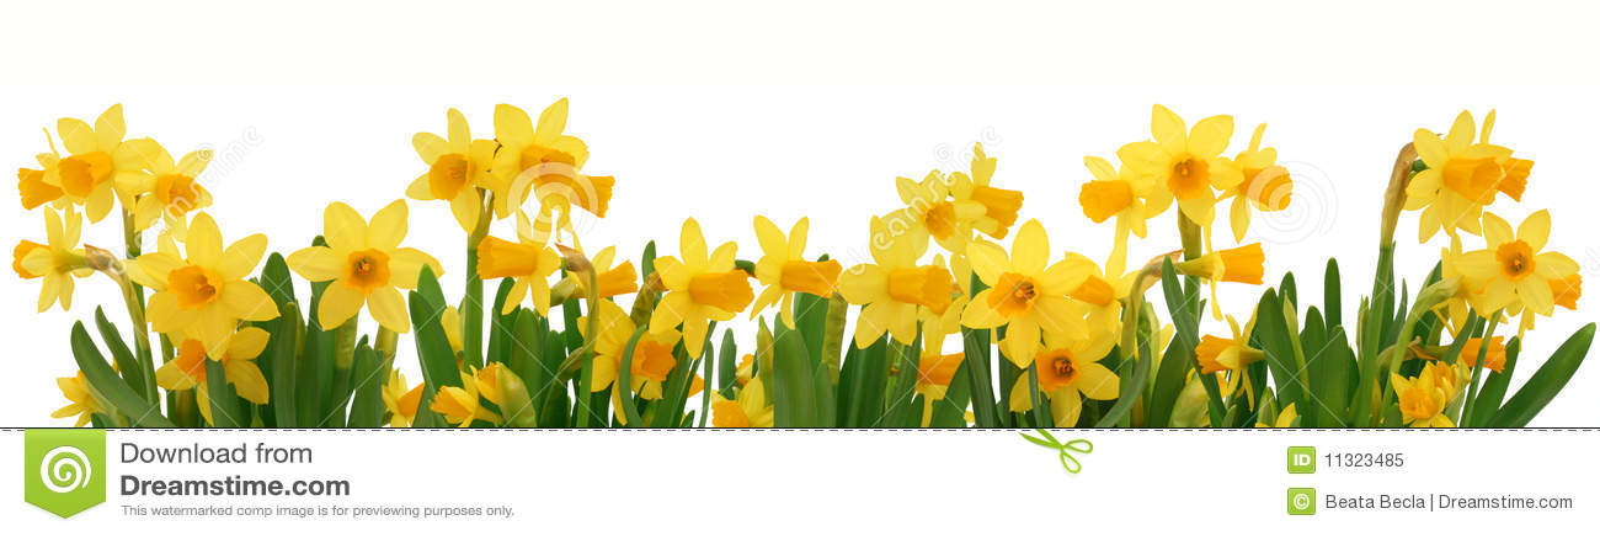 边界黄水仙春天